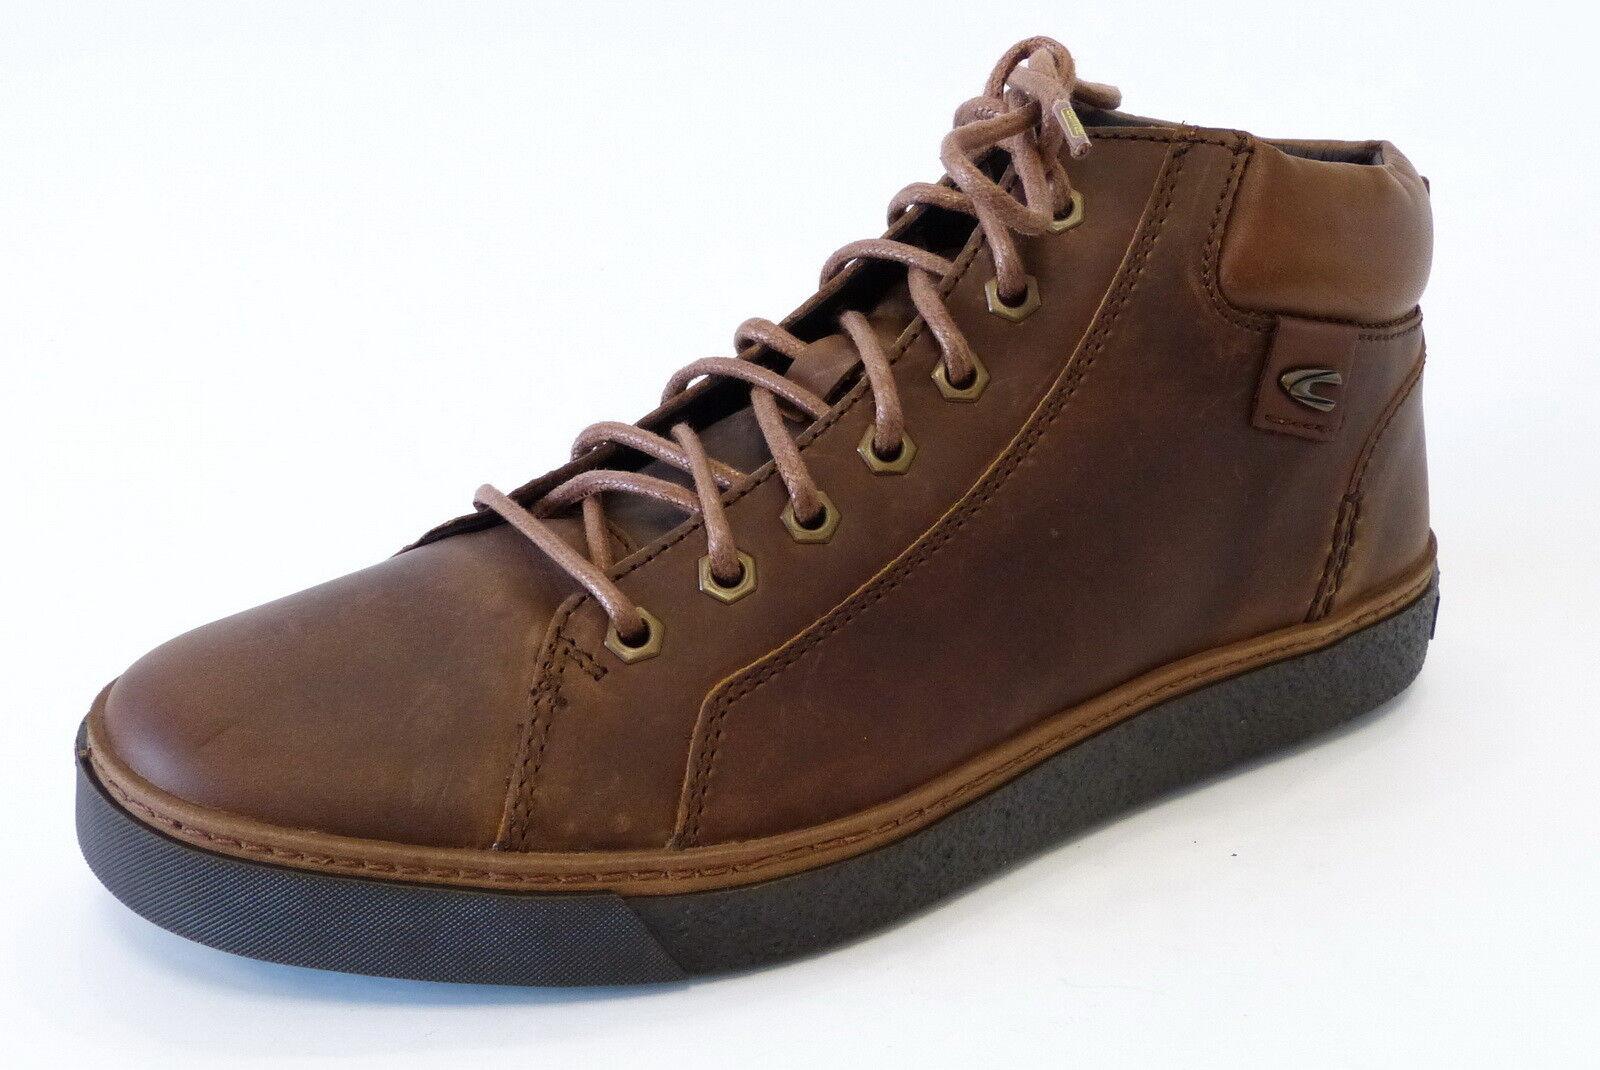 Camel Active Sneaker Cricket High Top bison braun warm Schnür 50013 04